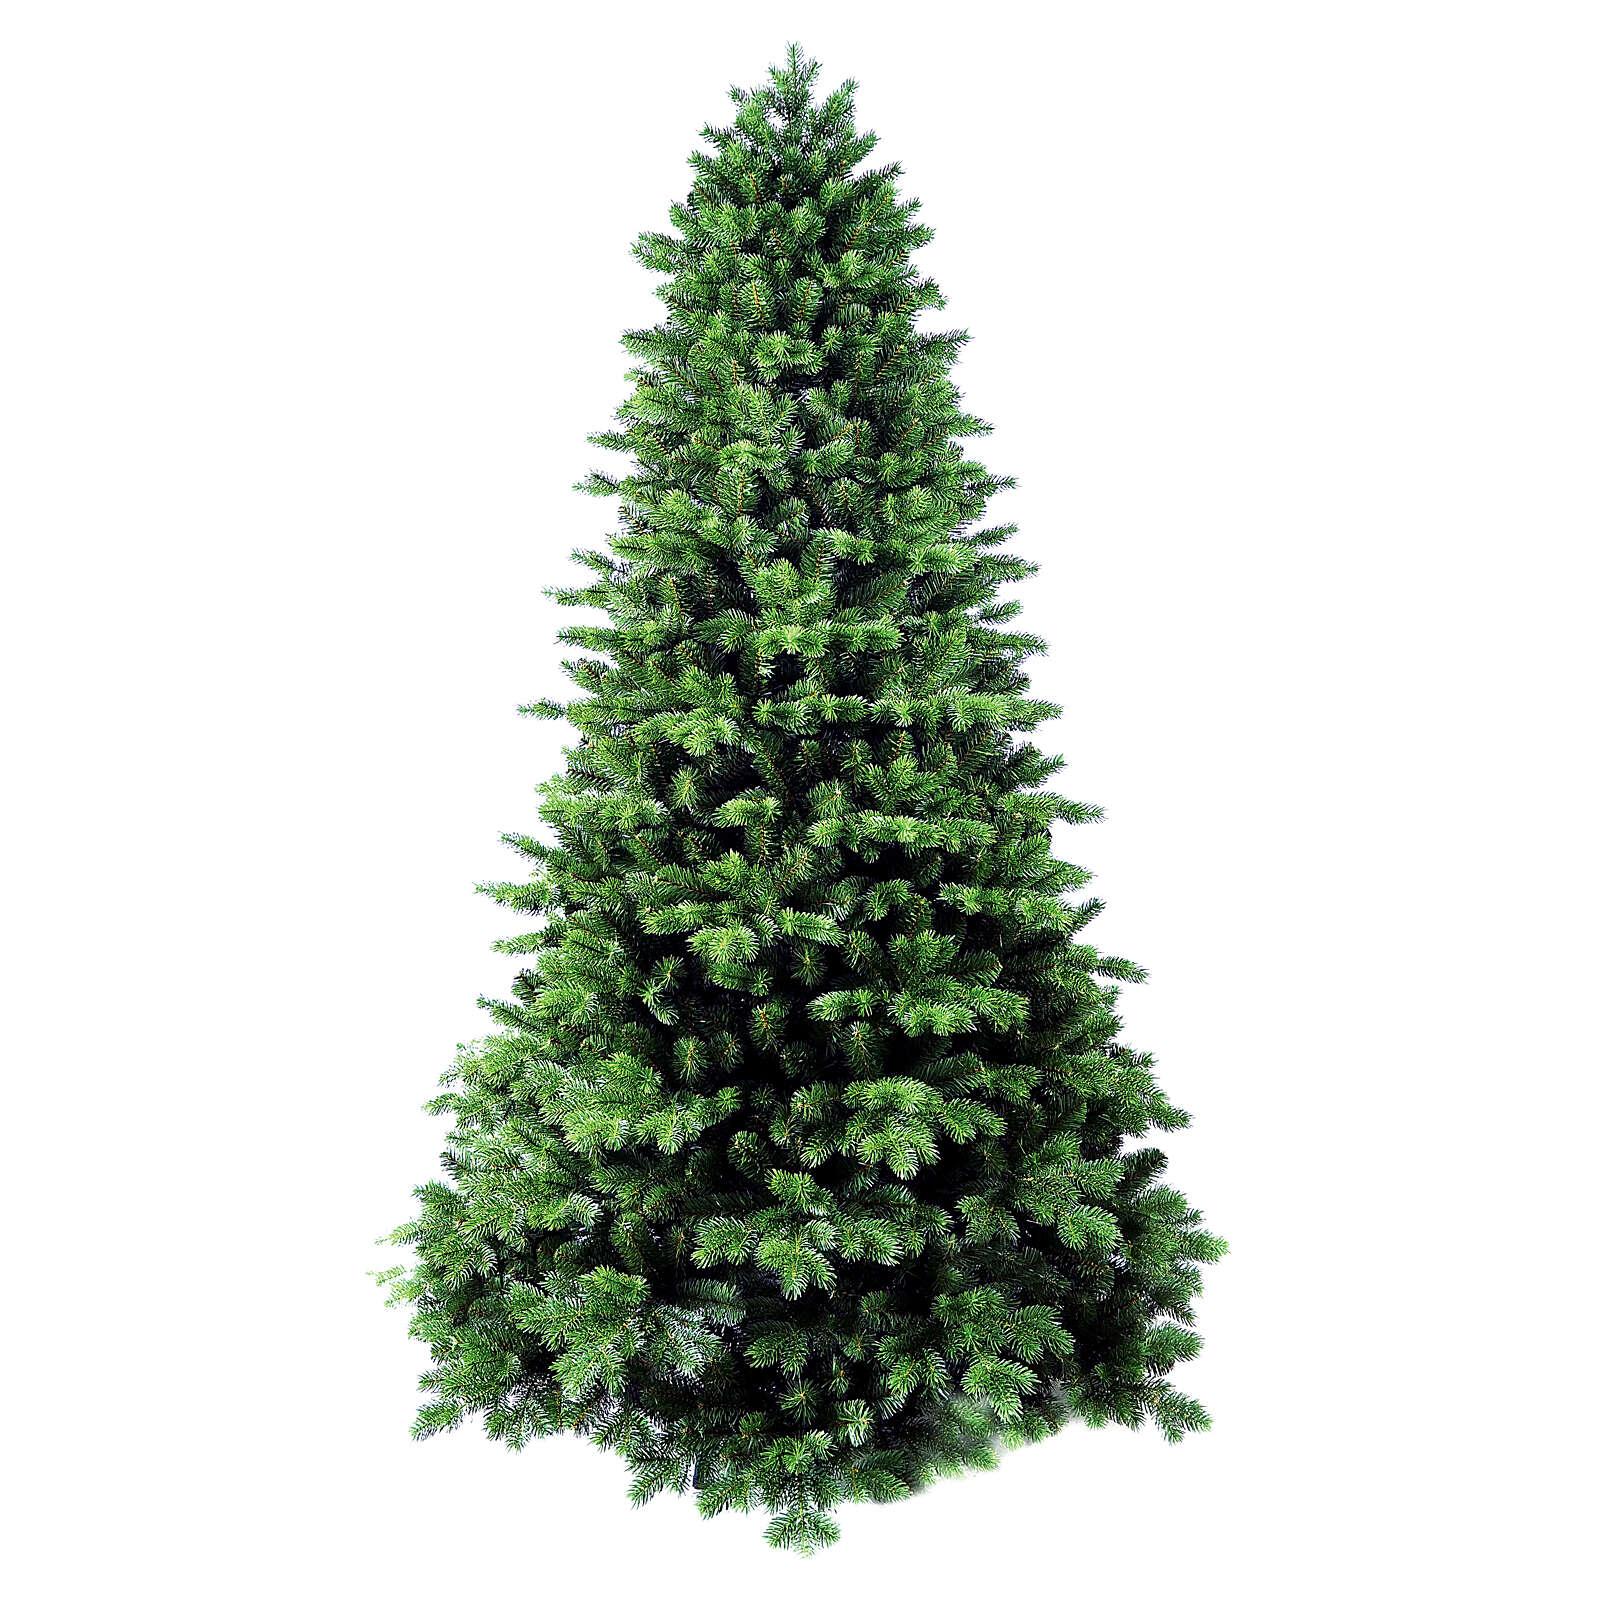 Weihnachtsbaum grün Dufour Winter Woodland, 240 cm 3